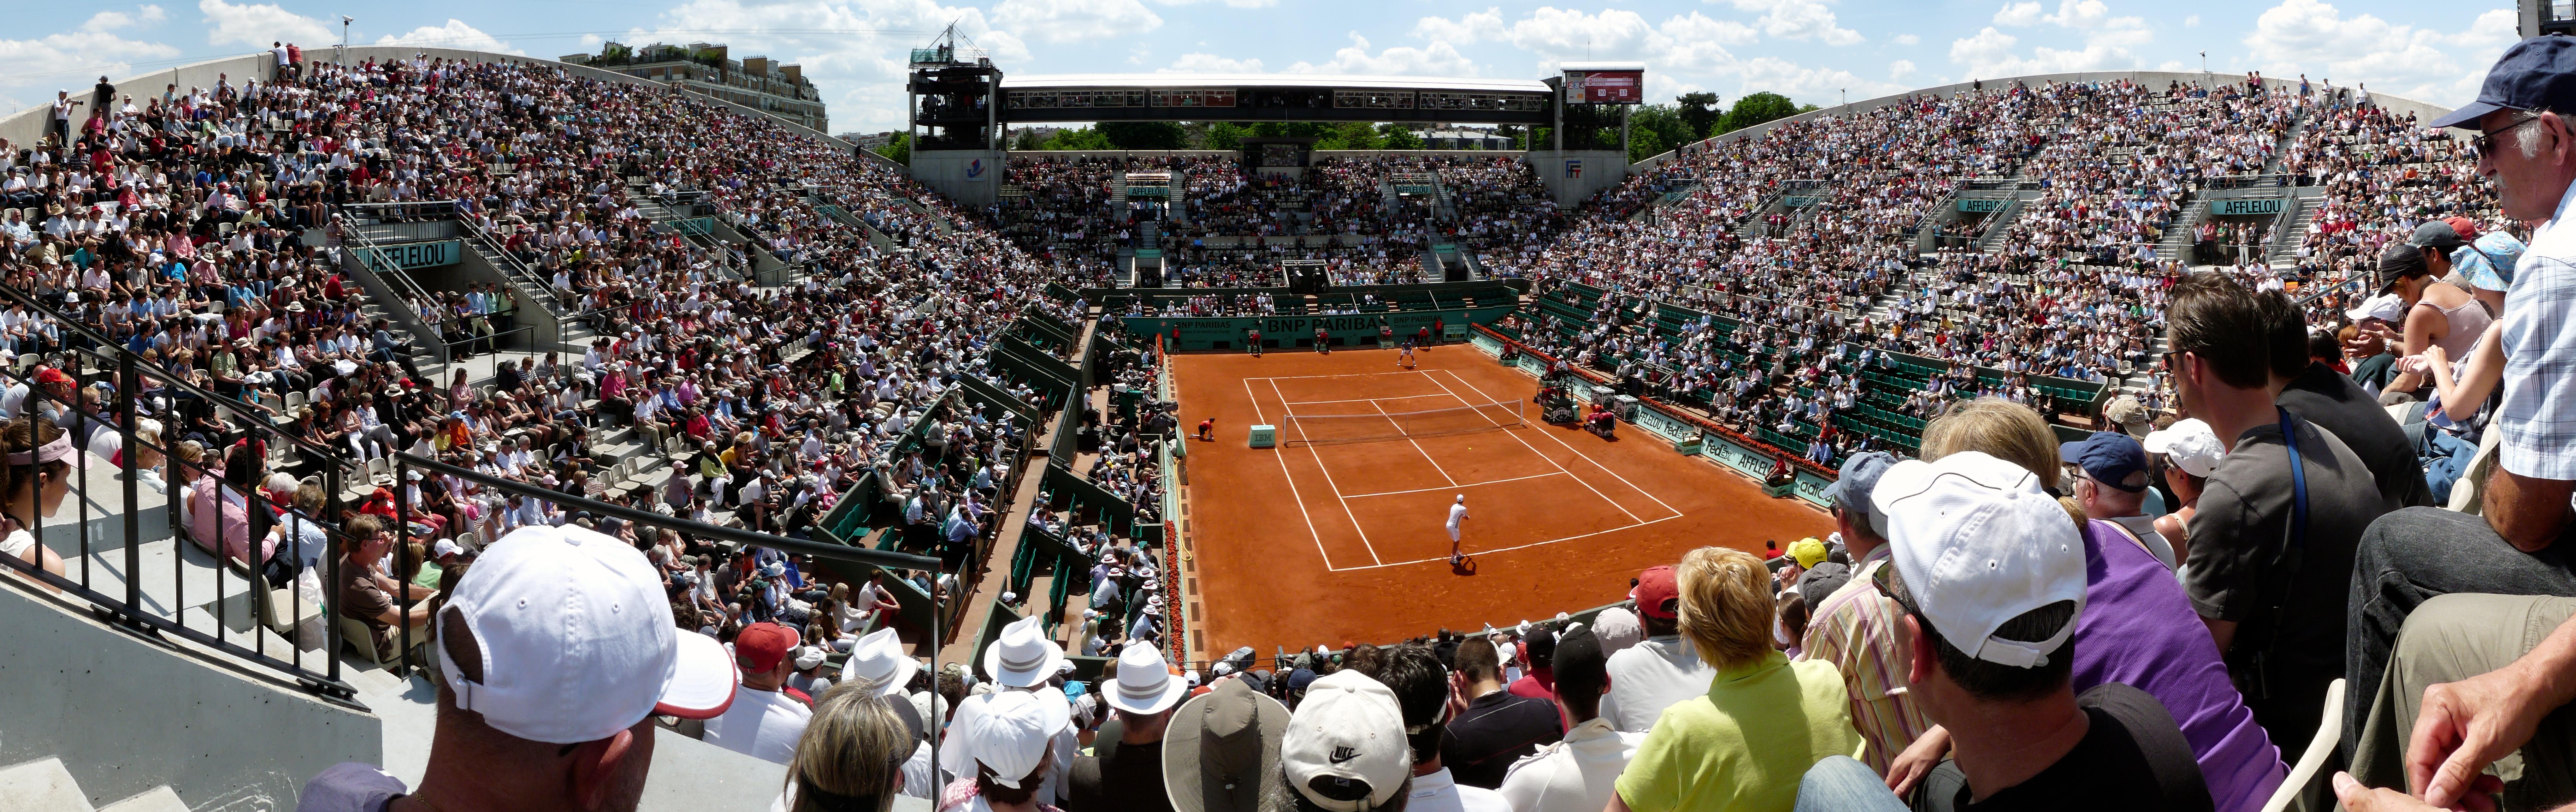 File Court Suzanne Lenglen 3¨me tour de Roland Garros 2010